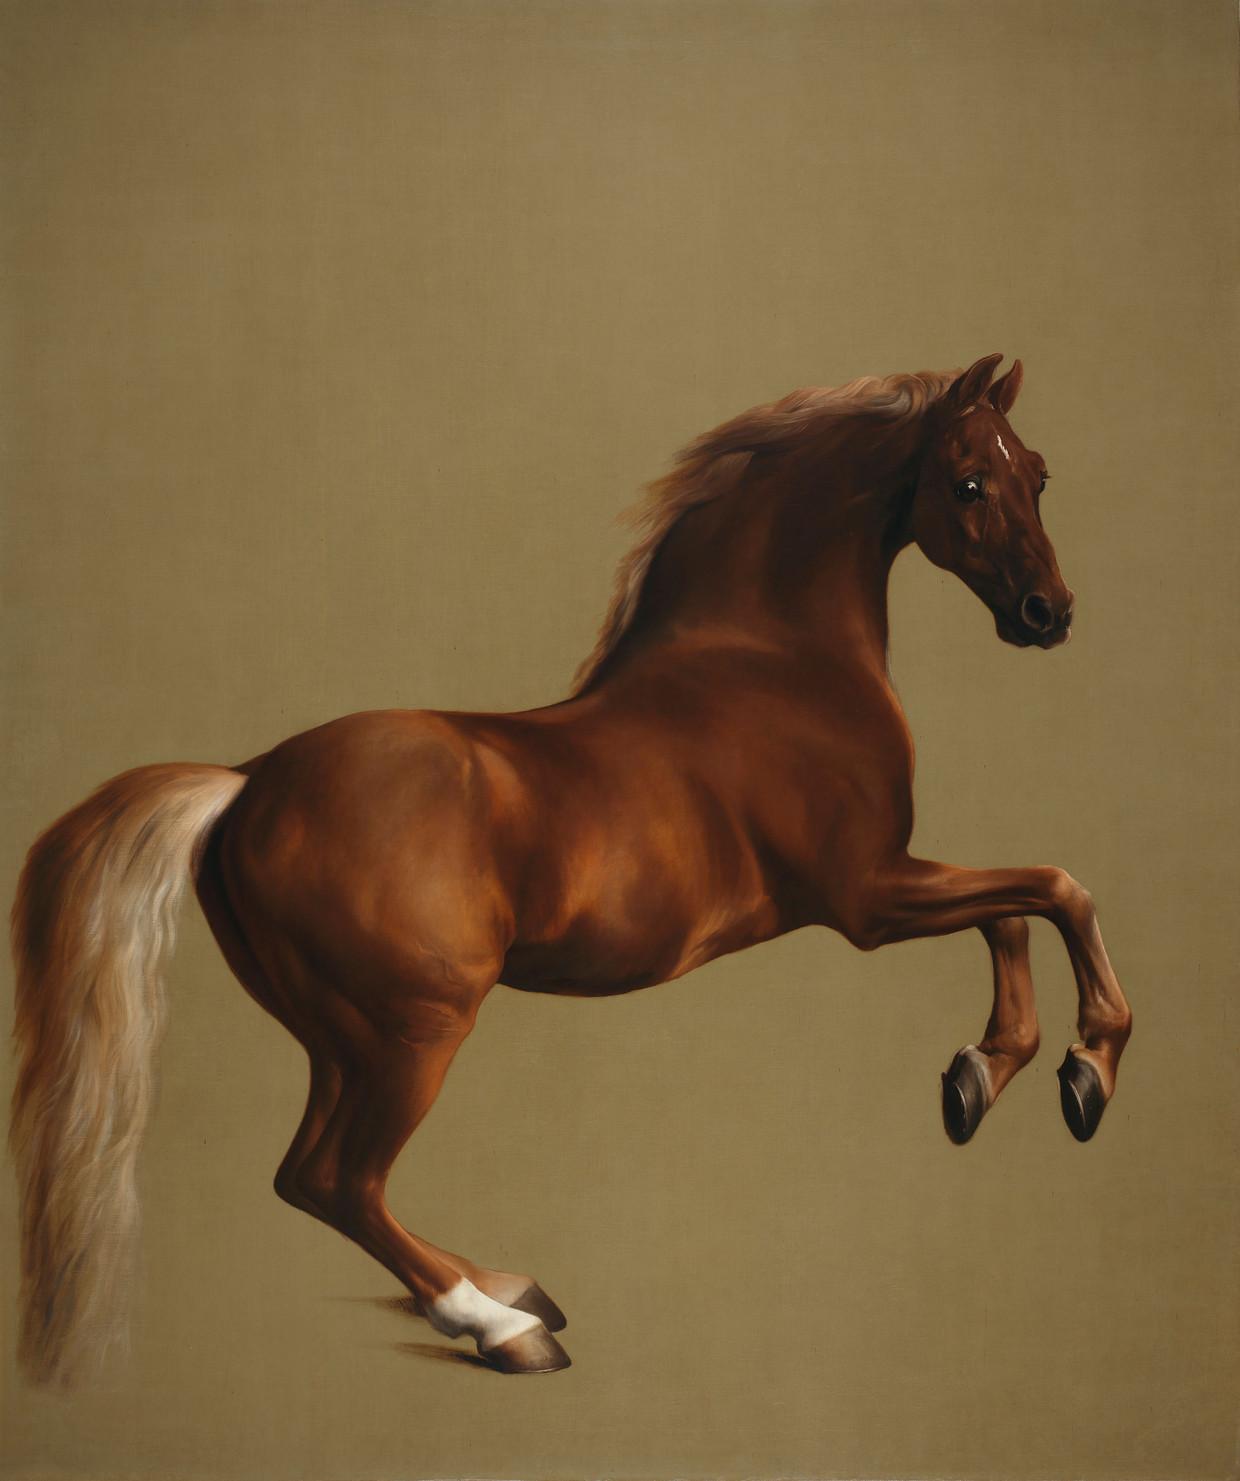 Stubbs schilderde ook racepaard Whistlejacket. Het doek is een publiekslieveling in The National Gallery.